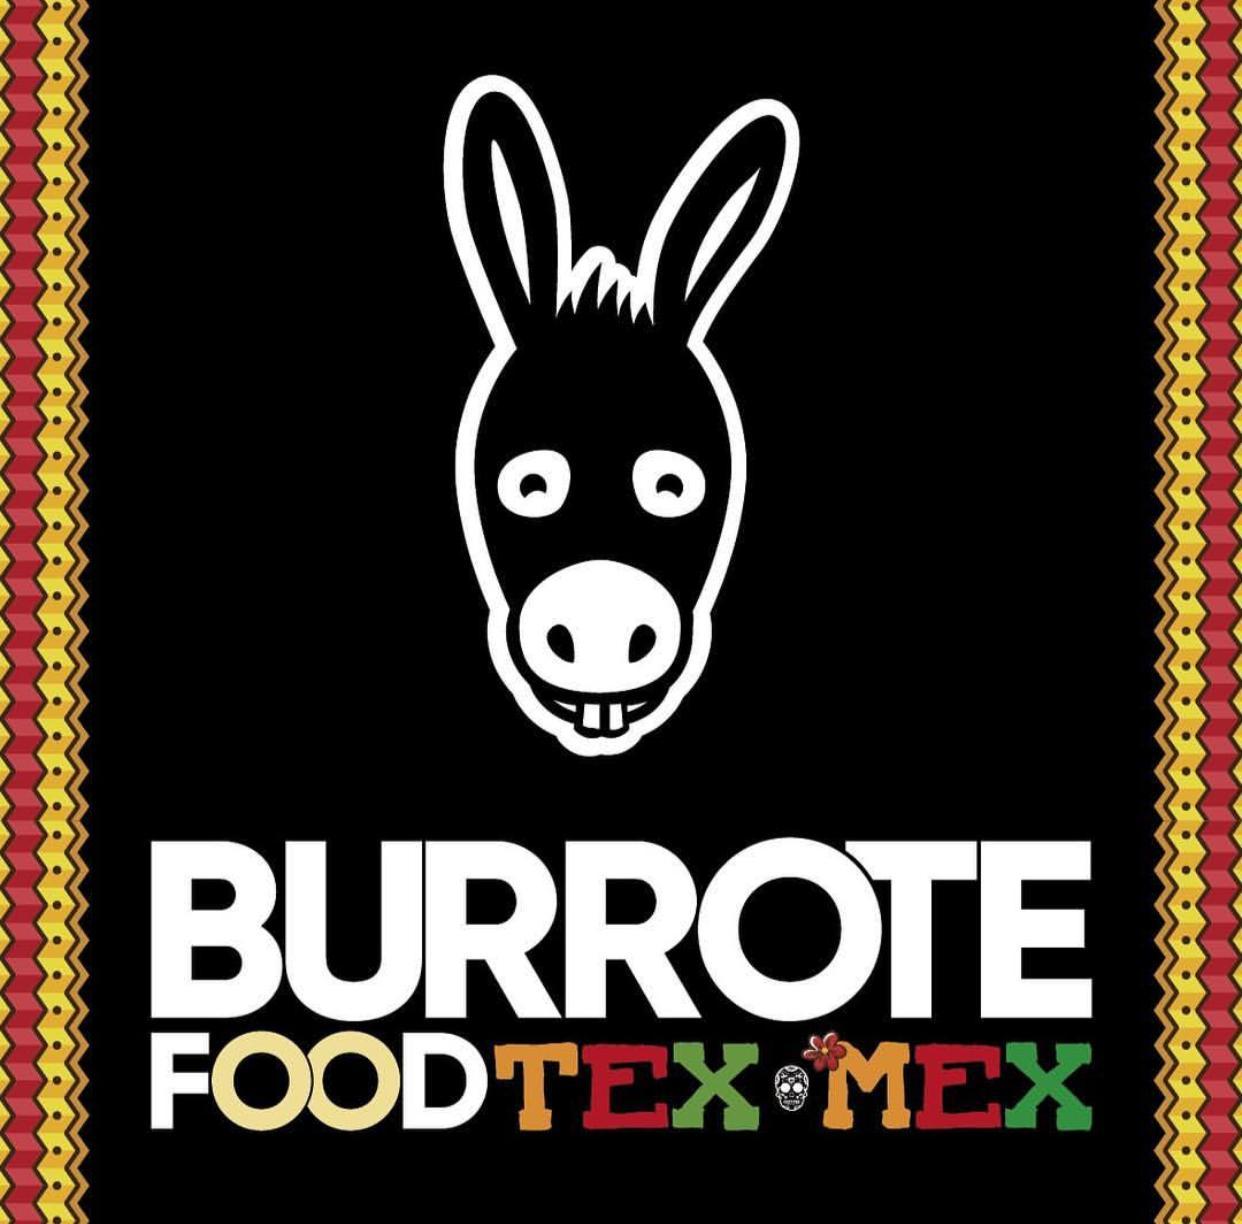 Burrote Food